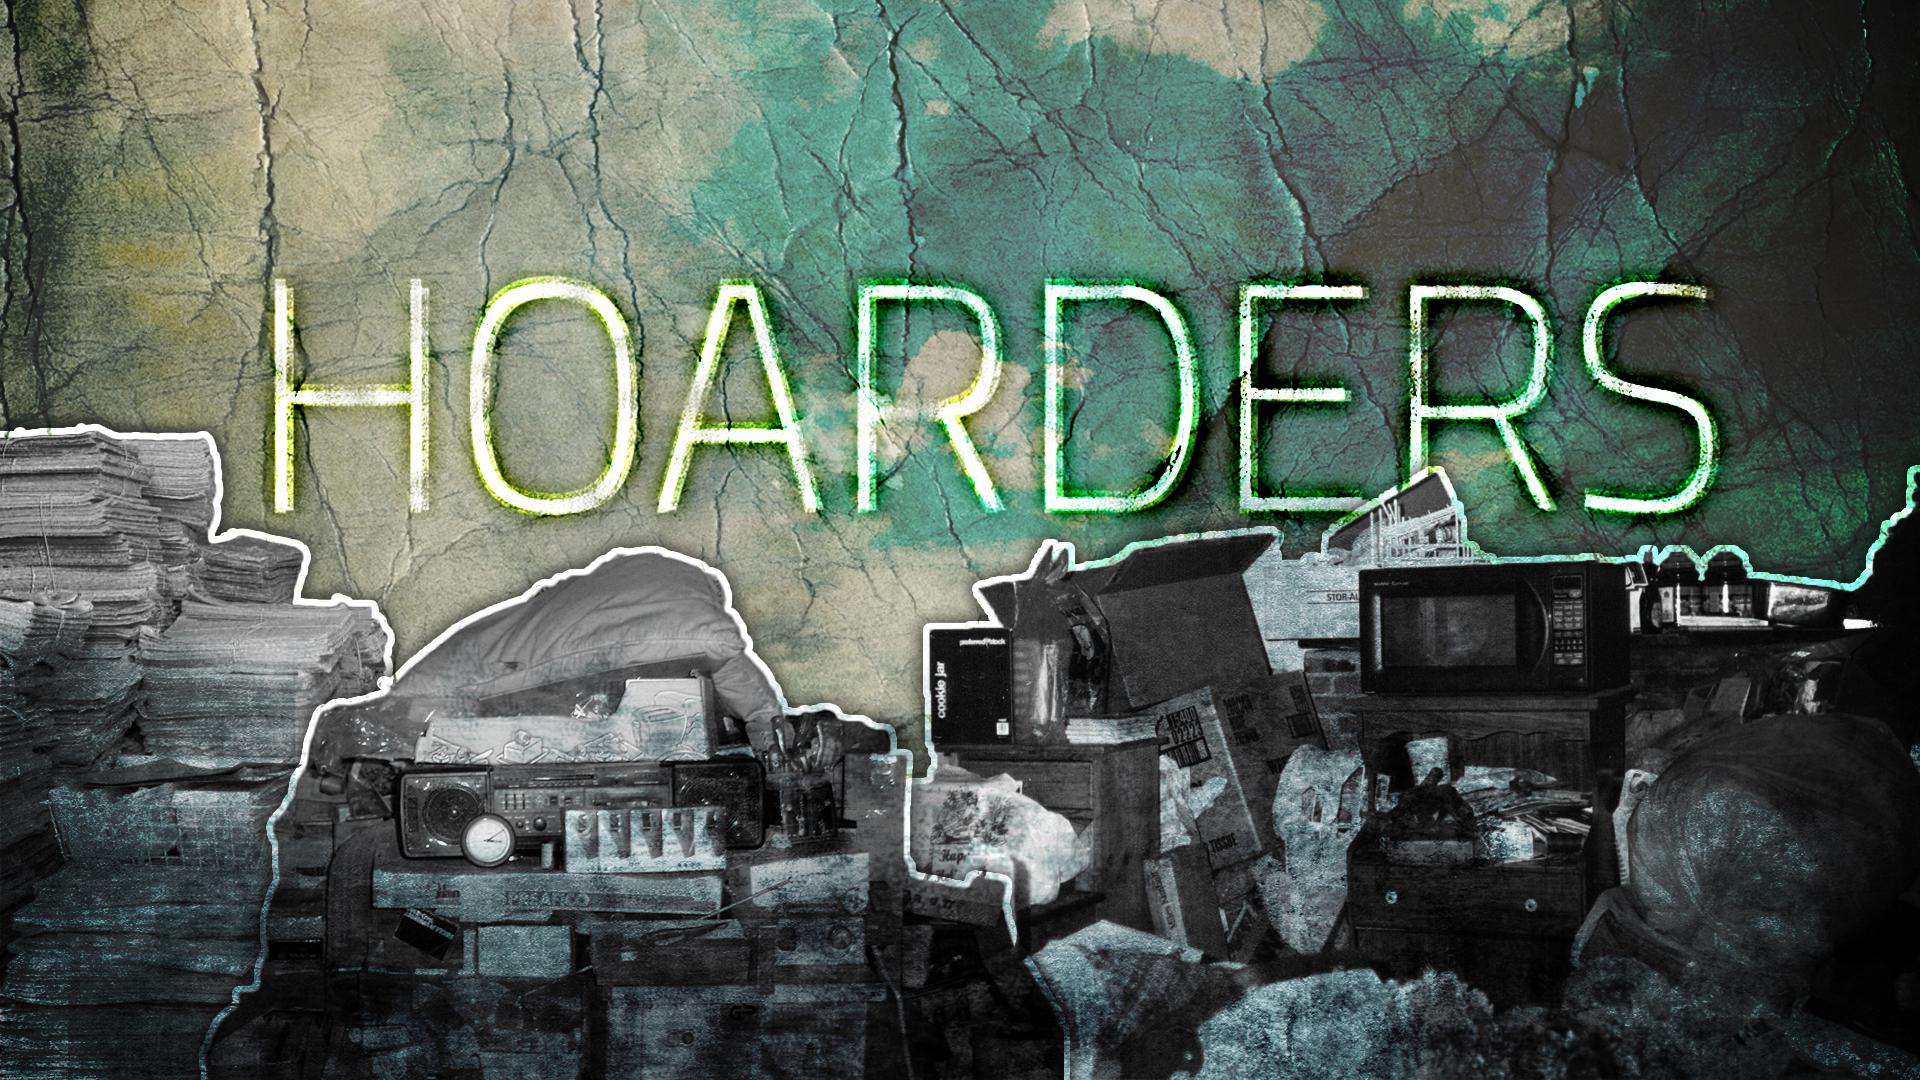 hoarders